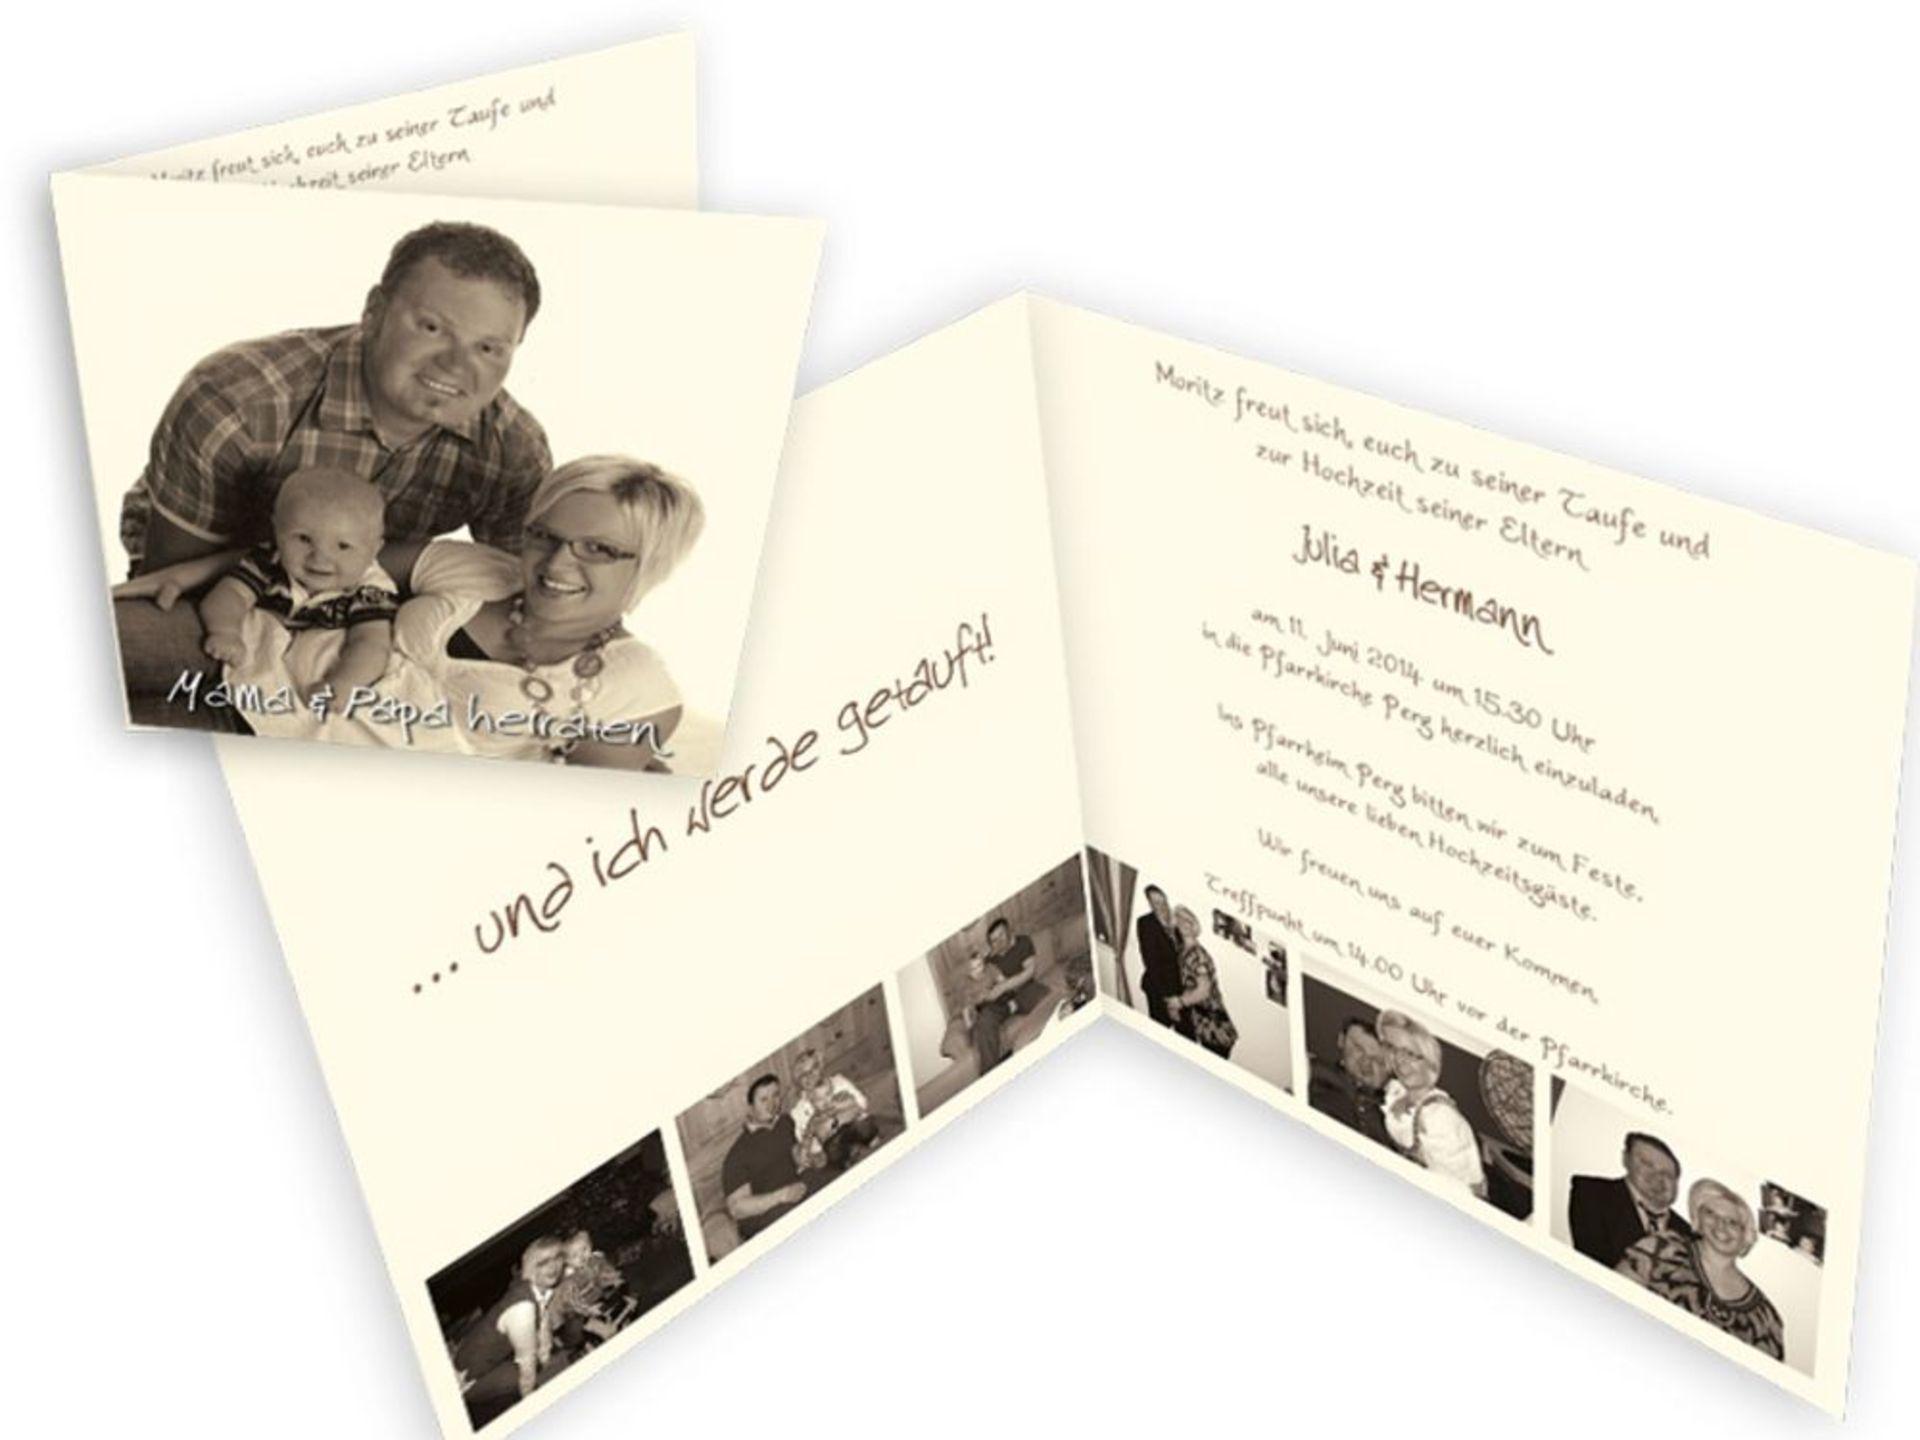 spezielle einladungskarten für eine hochzeit mit taufe, Einladungen